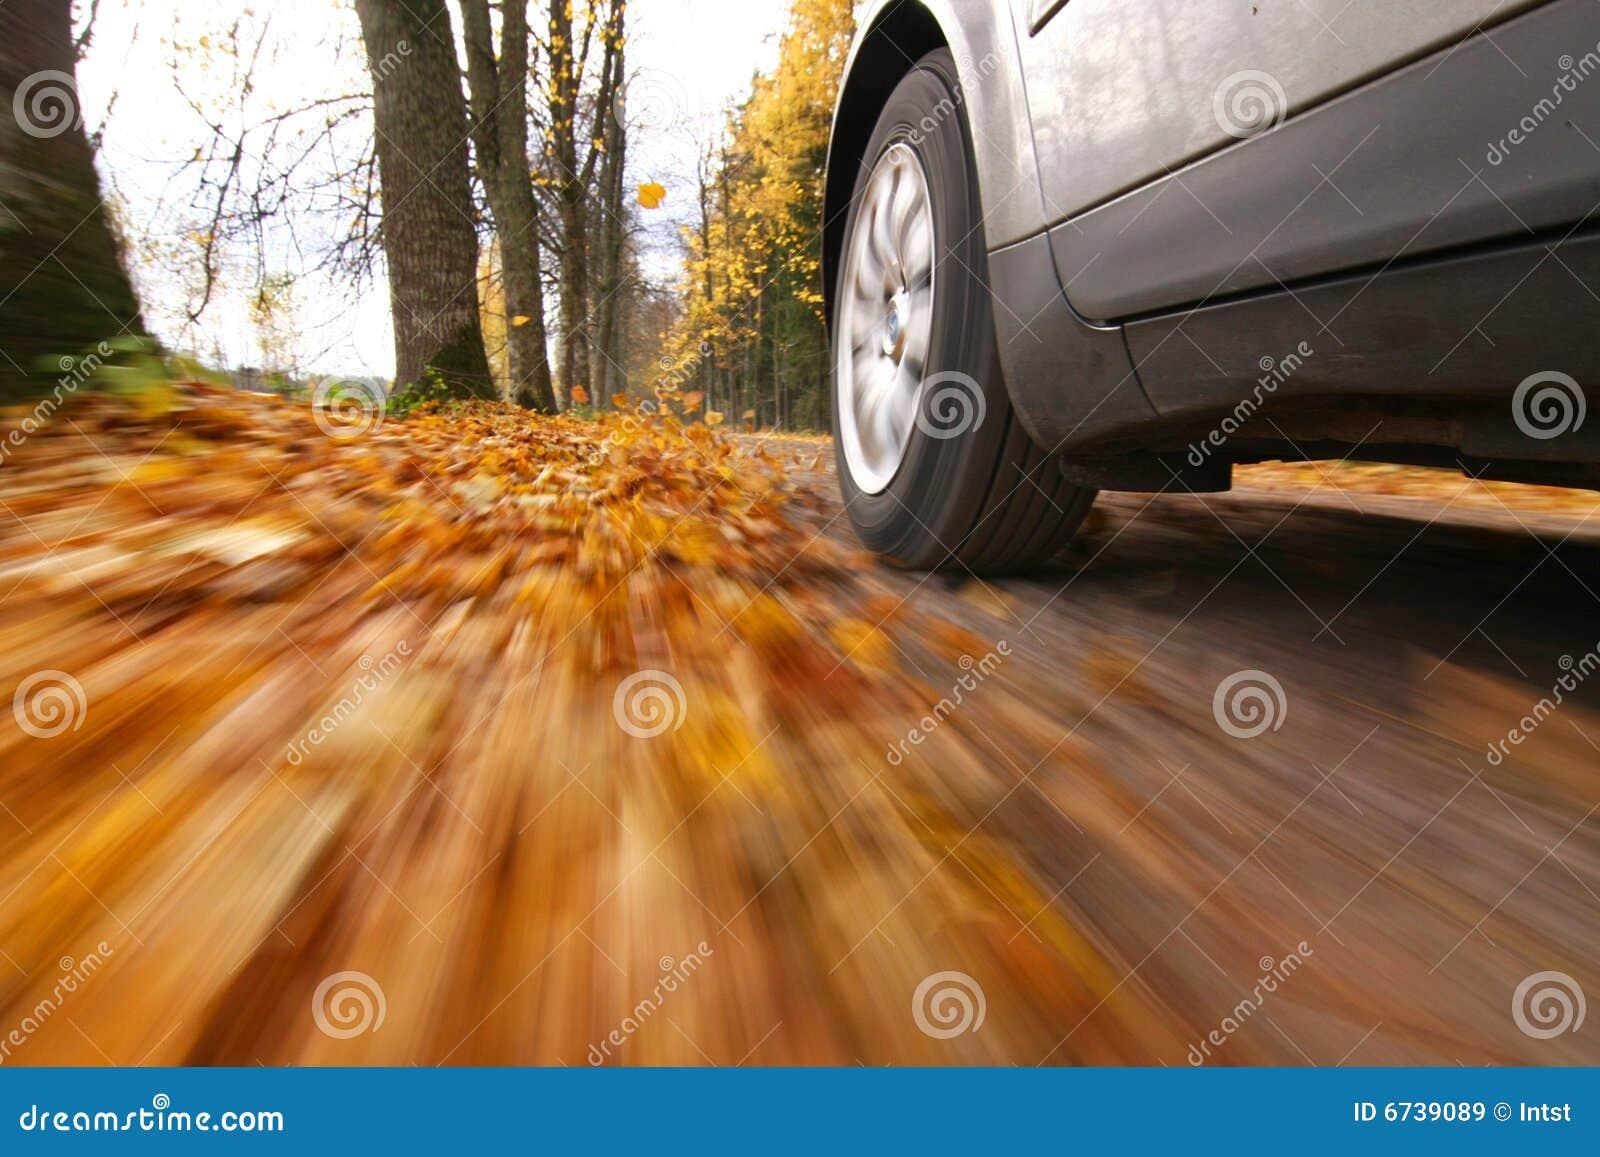 Paese dell automobile che guida strada